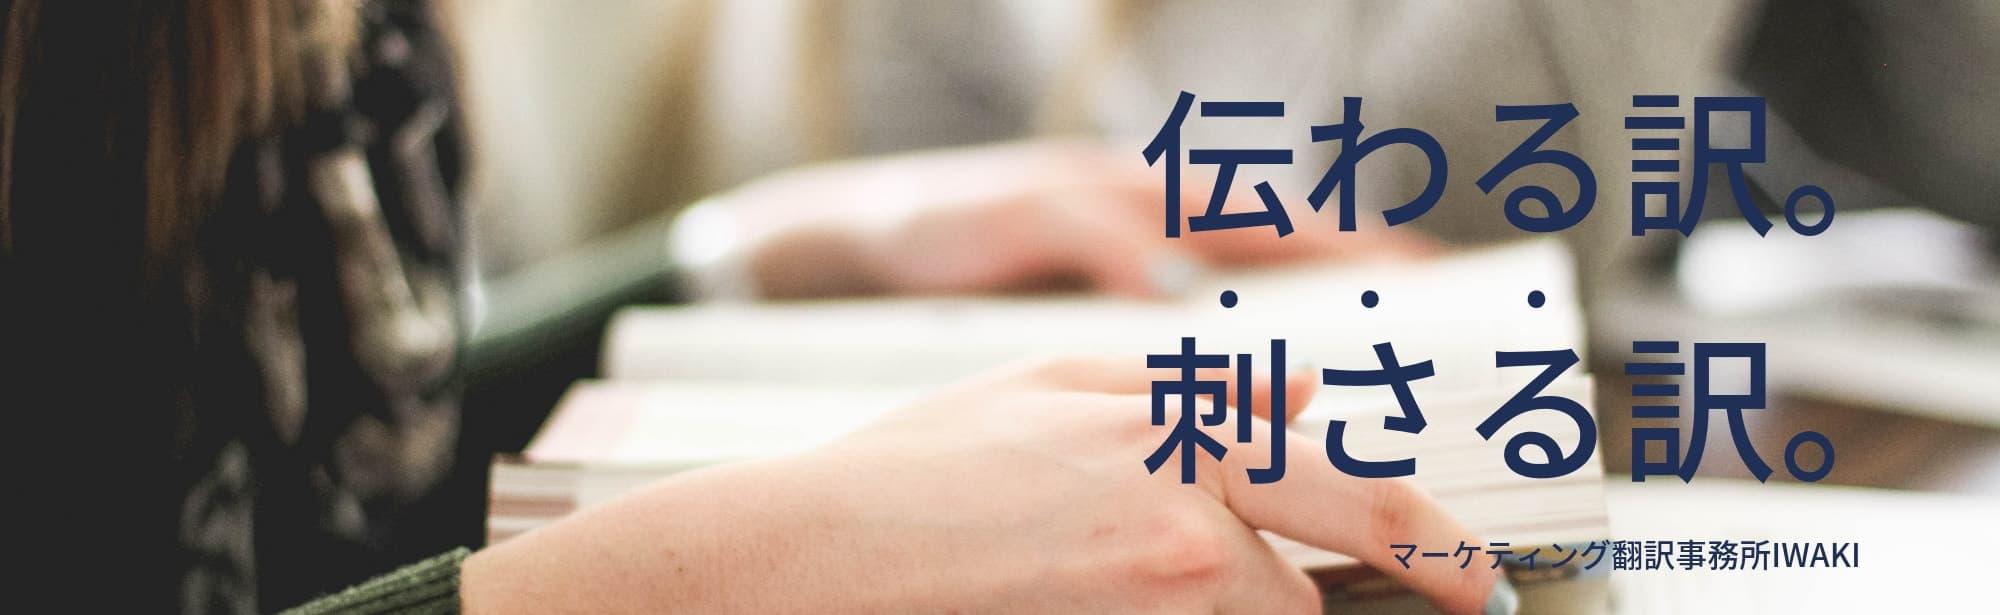 マーケティング翻訳事務所IWAKI